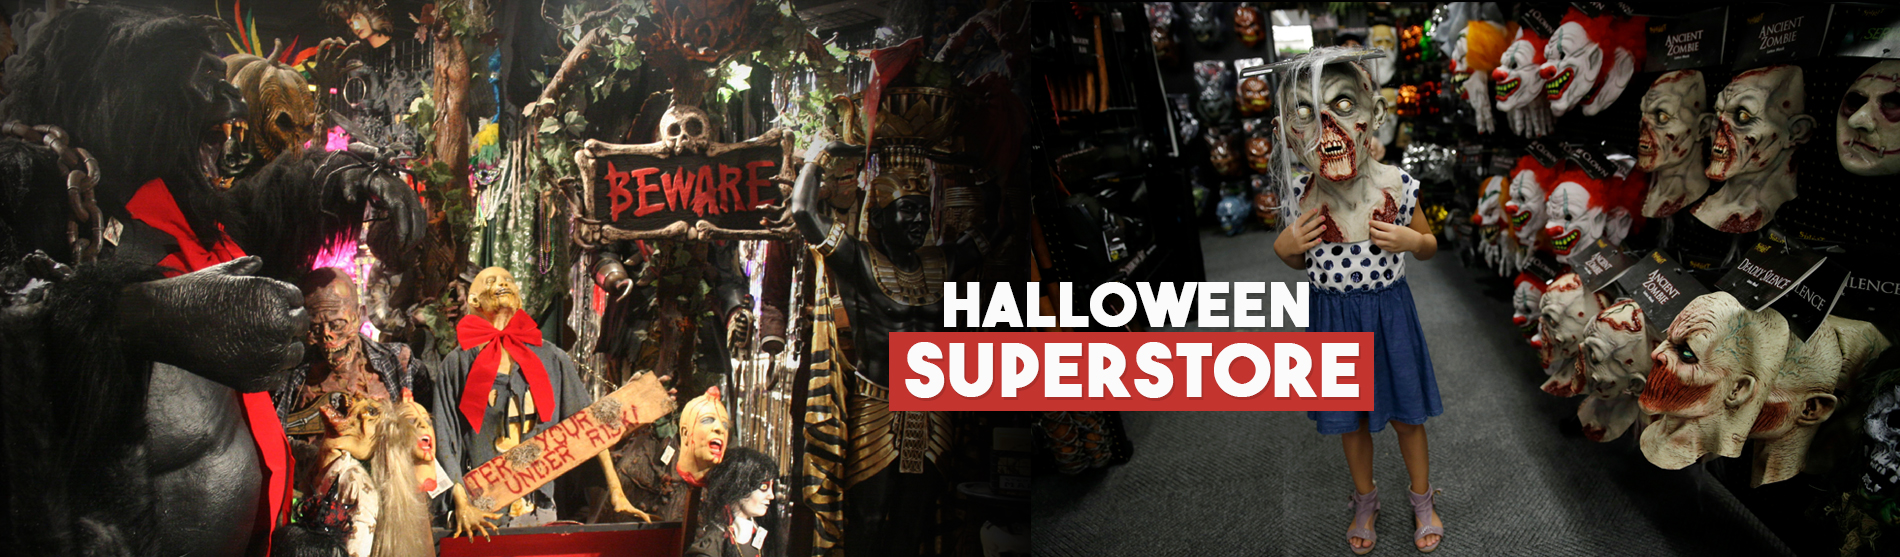 Halloween Superstore